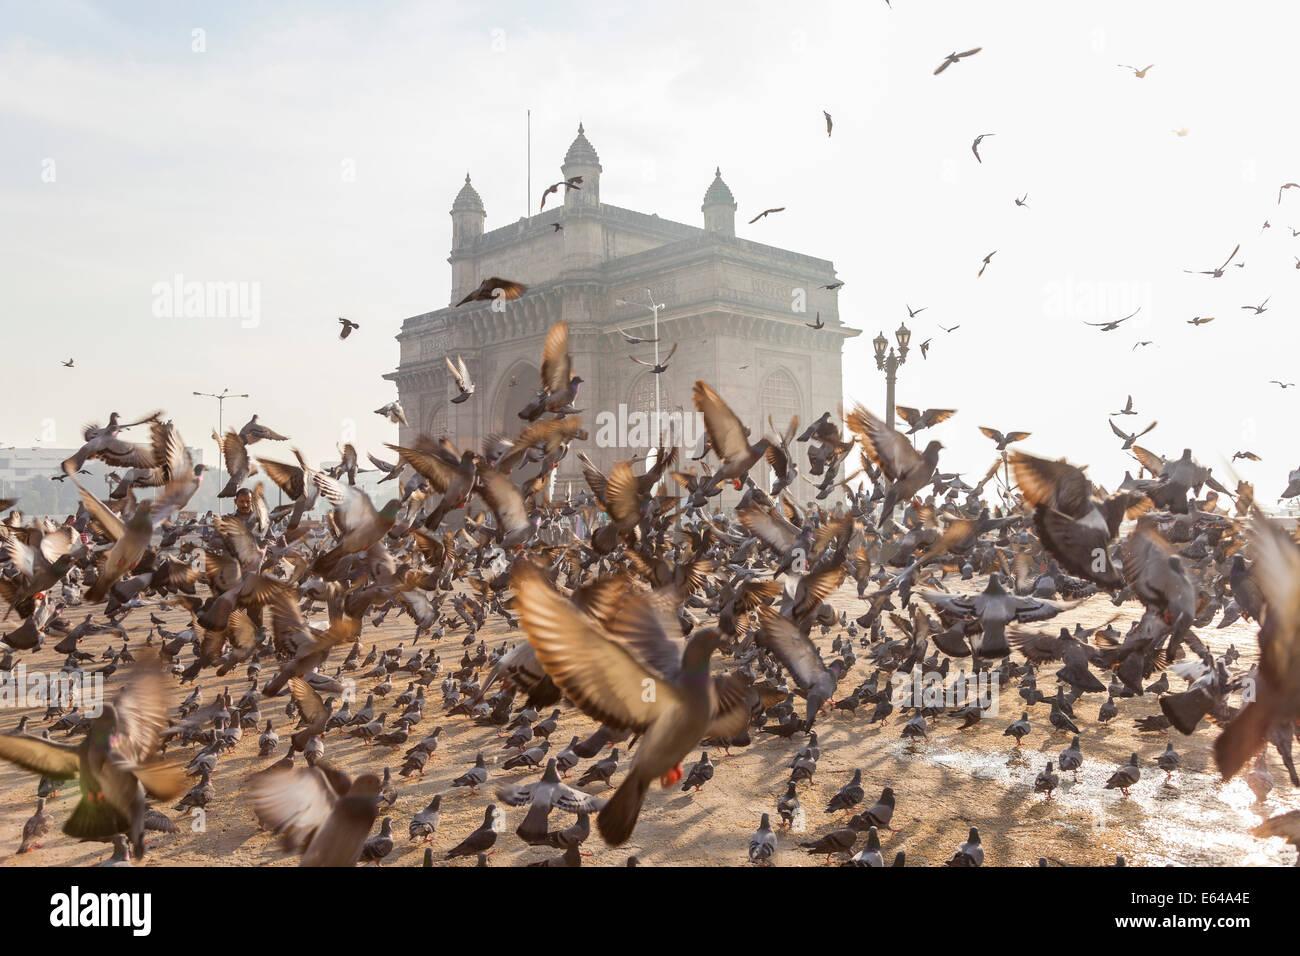 Pigeons, India Gate, Colaba, Mumbai (Bombay), India - Stock Image